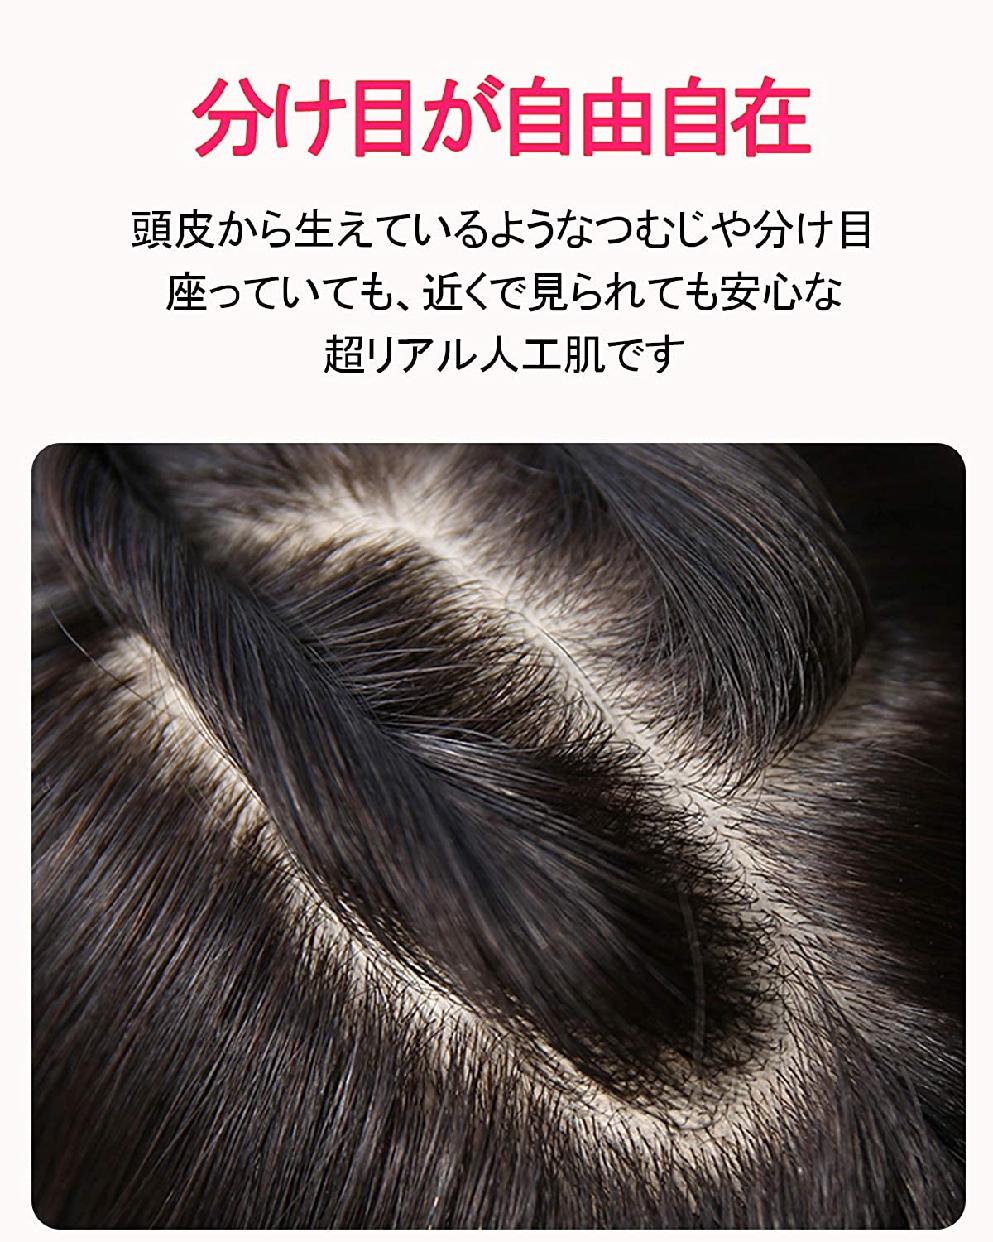 HIYE(ハイヤ) 前髪 つむじ ヘアピース 部分ウィッグの商品画像6